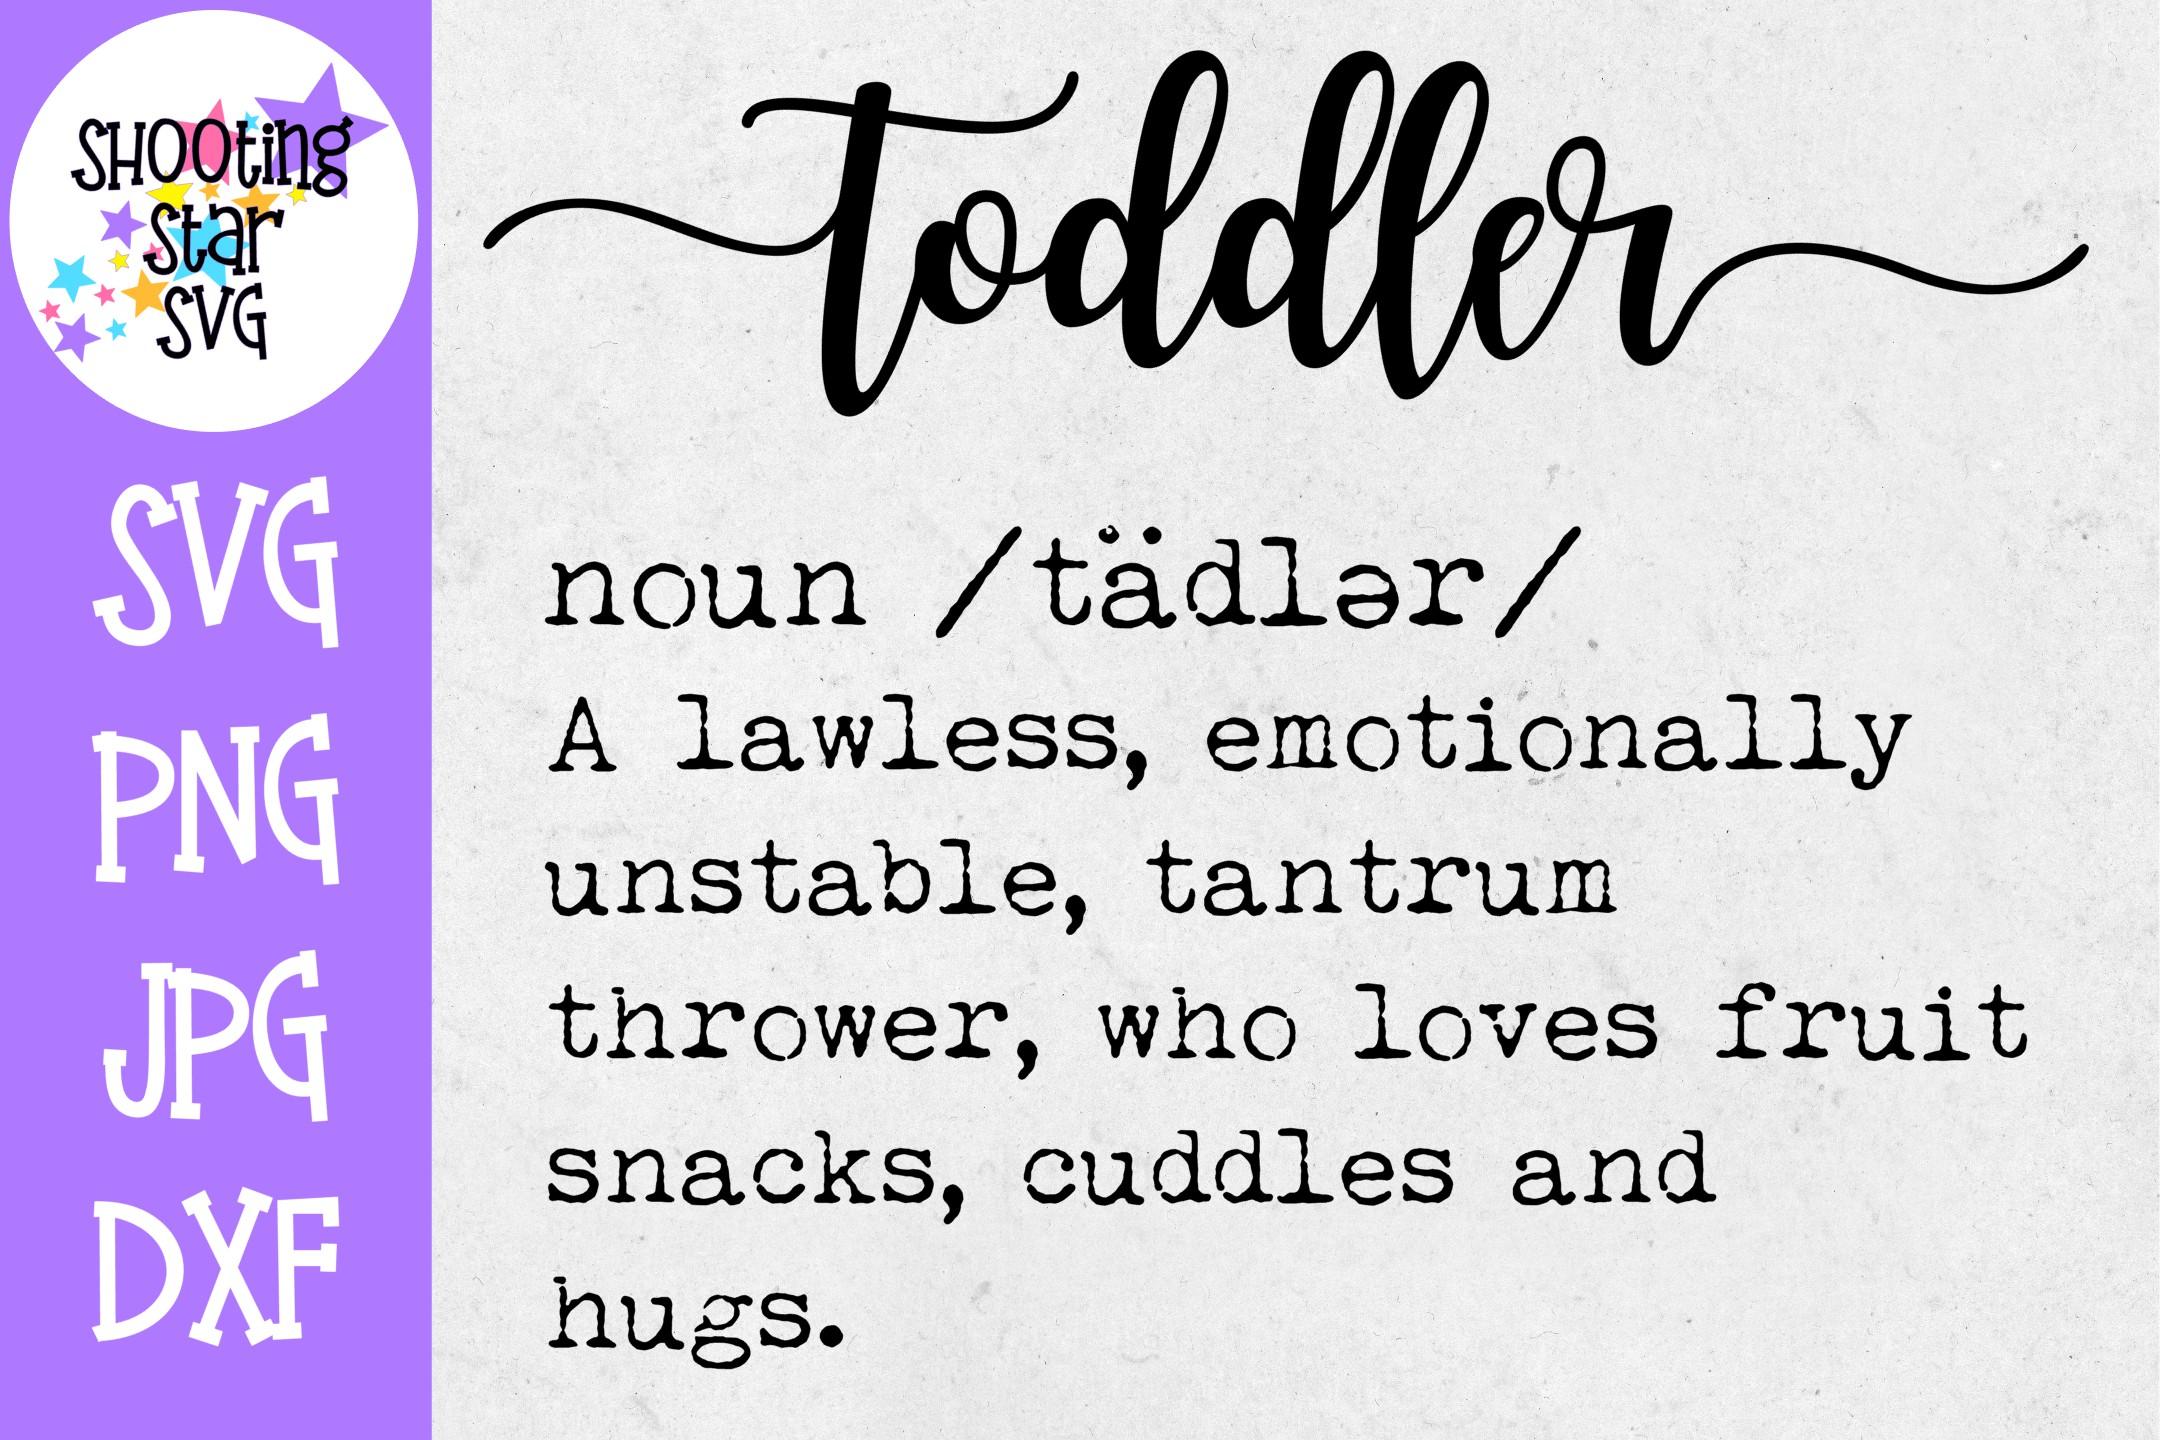 Toddler Definition SVG - Funny Toddler Definition SVG example image 1